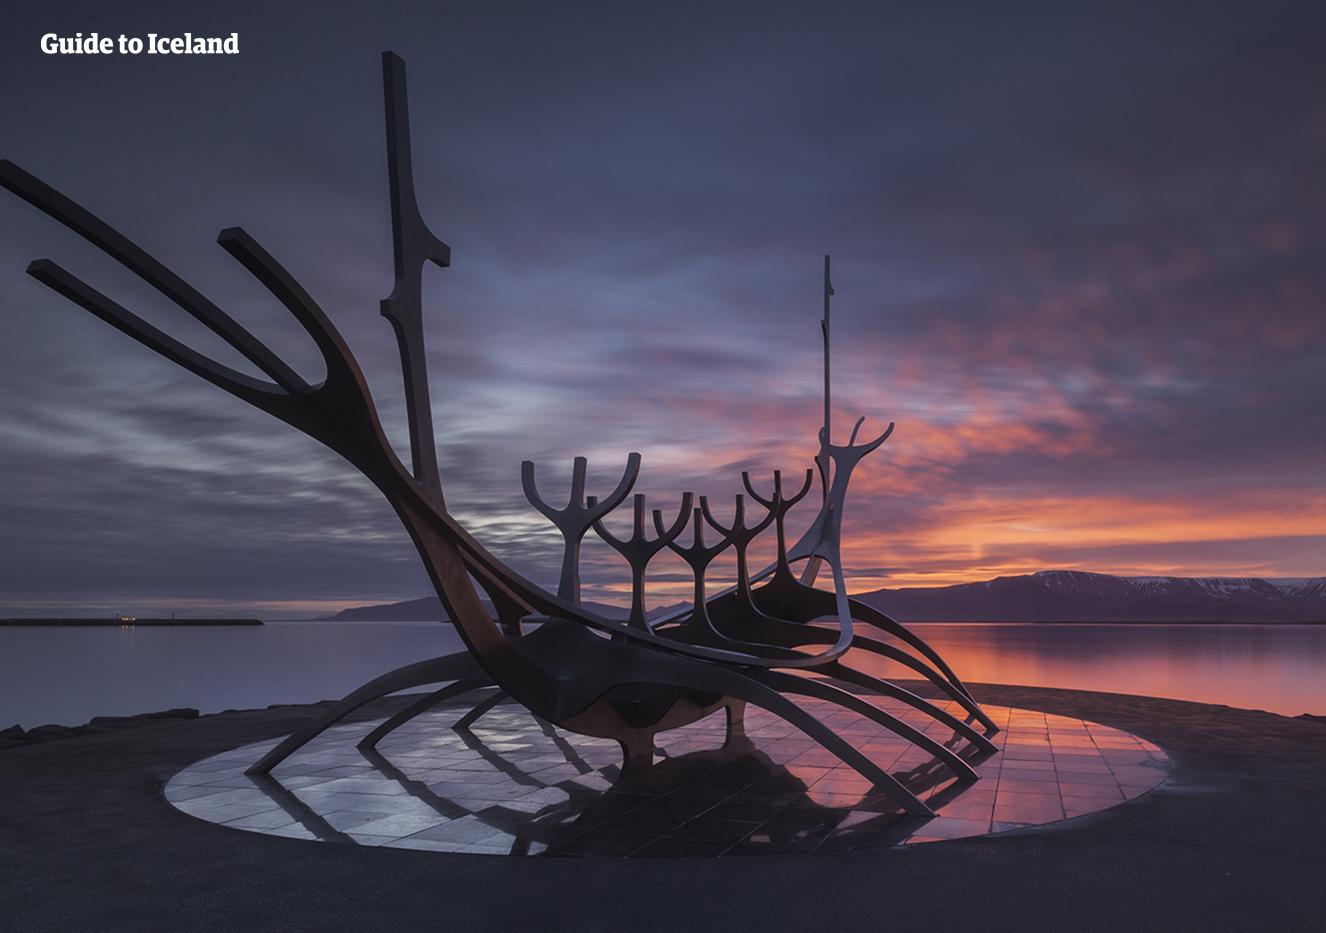 Reykjavík hält eine ganze Reihe unterschiedlicher Sehenswürdigkeiten für dich bereit, darunter auch die Skulptur Sun Voyager.